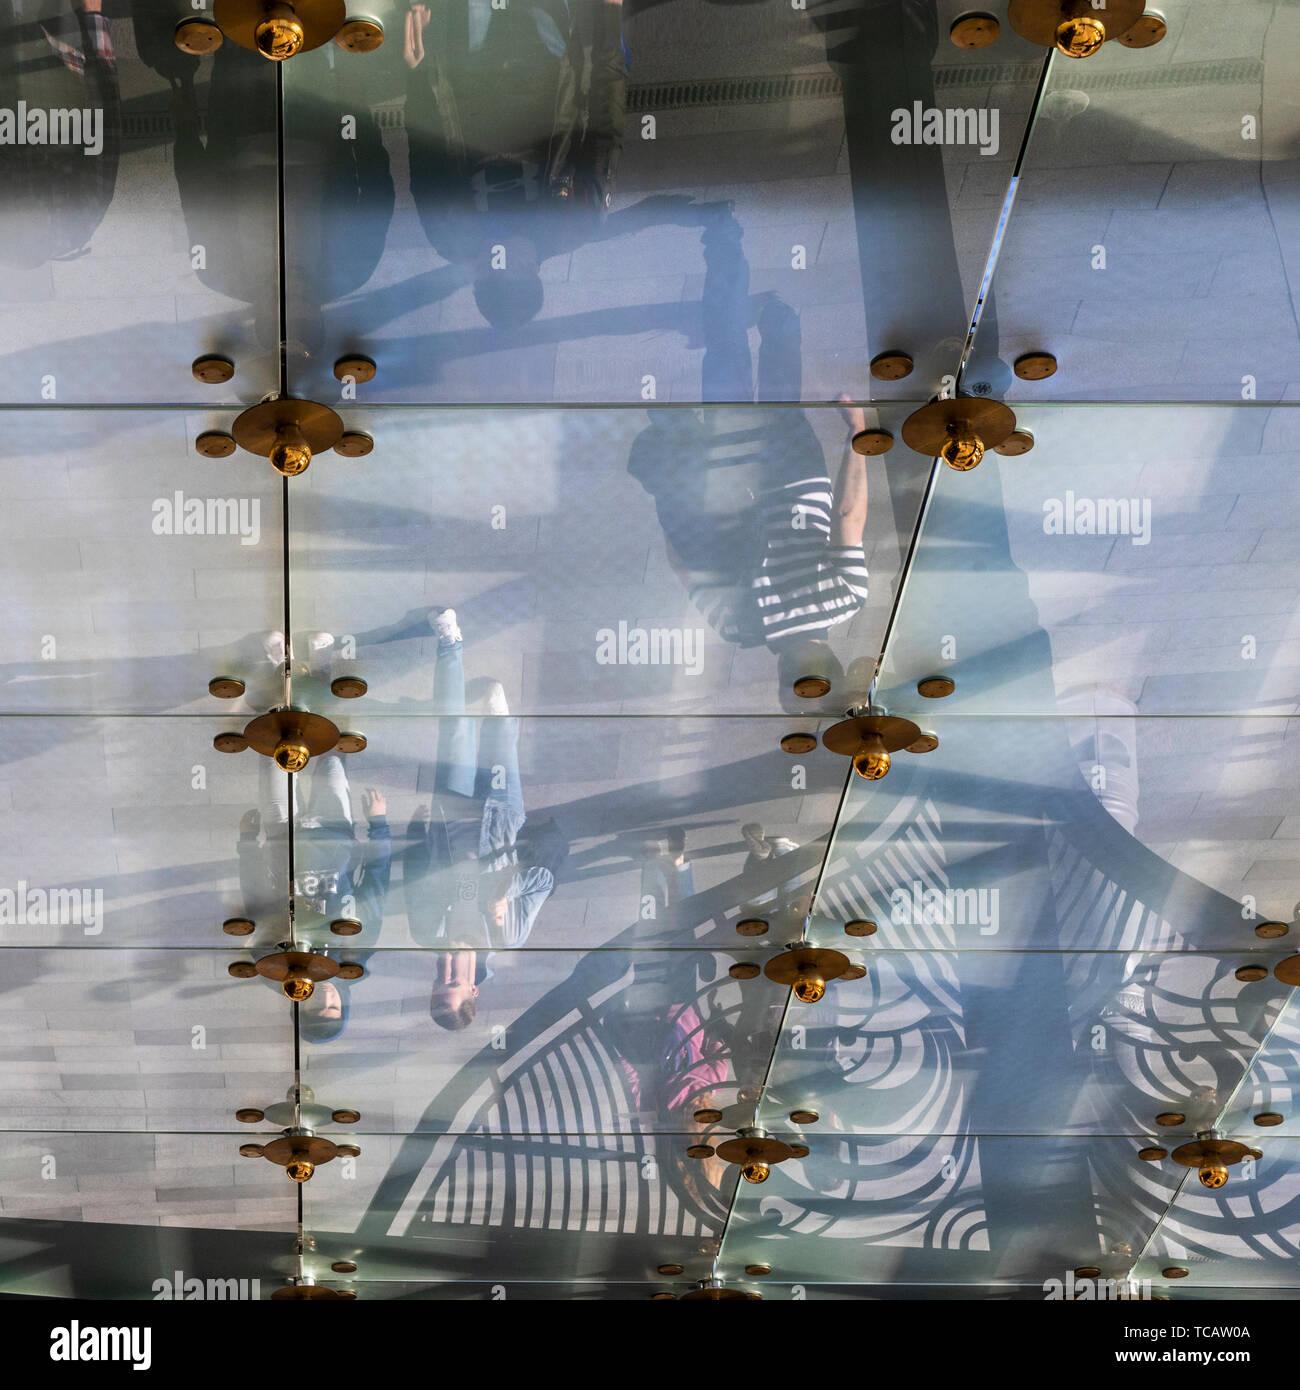 Los peatones se refleja en el techo de vidrio de la entrada de dosel, Hotel Metropol, La Plaza de la Revolución, Moscú, Rusia Foto de stock